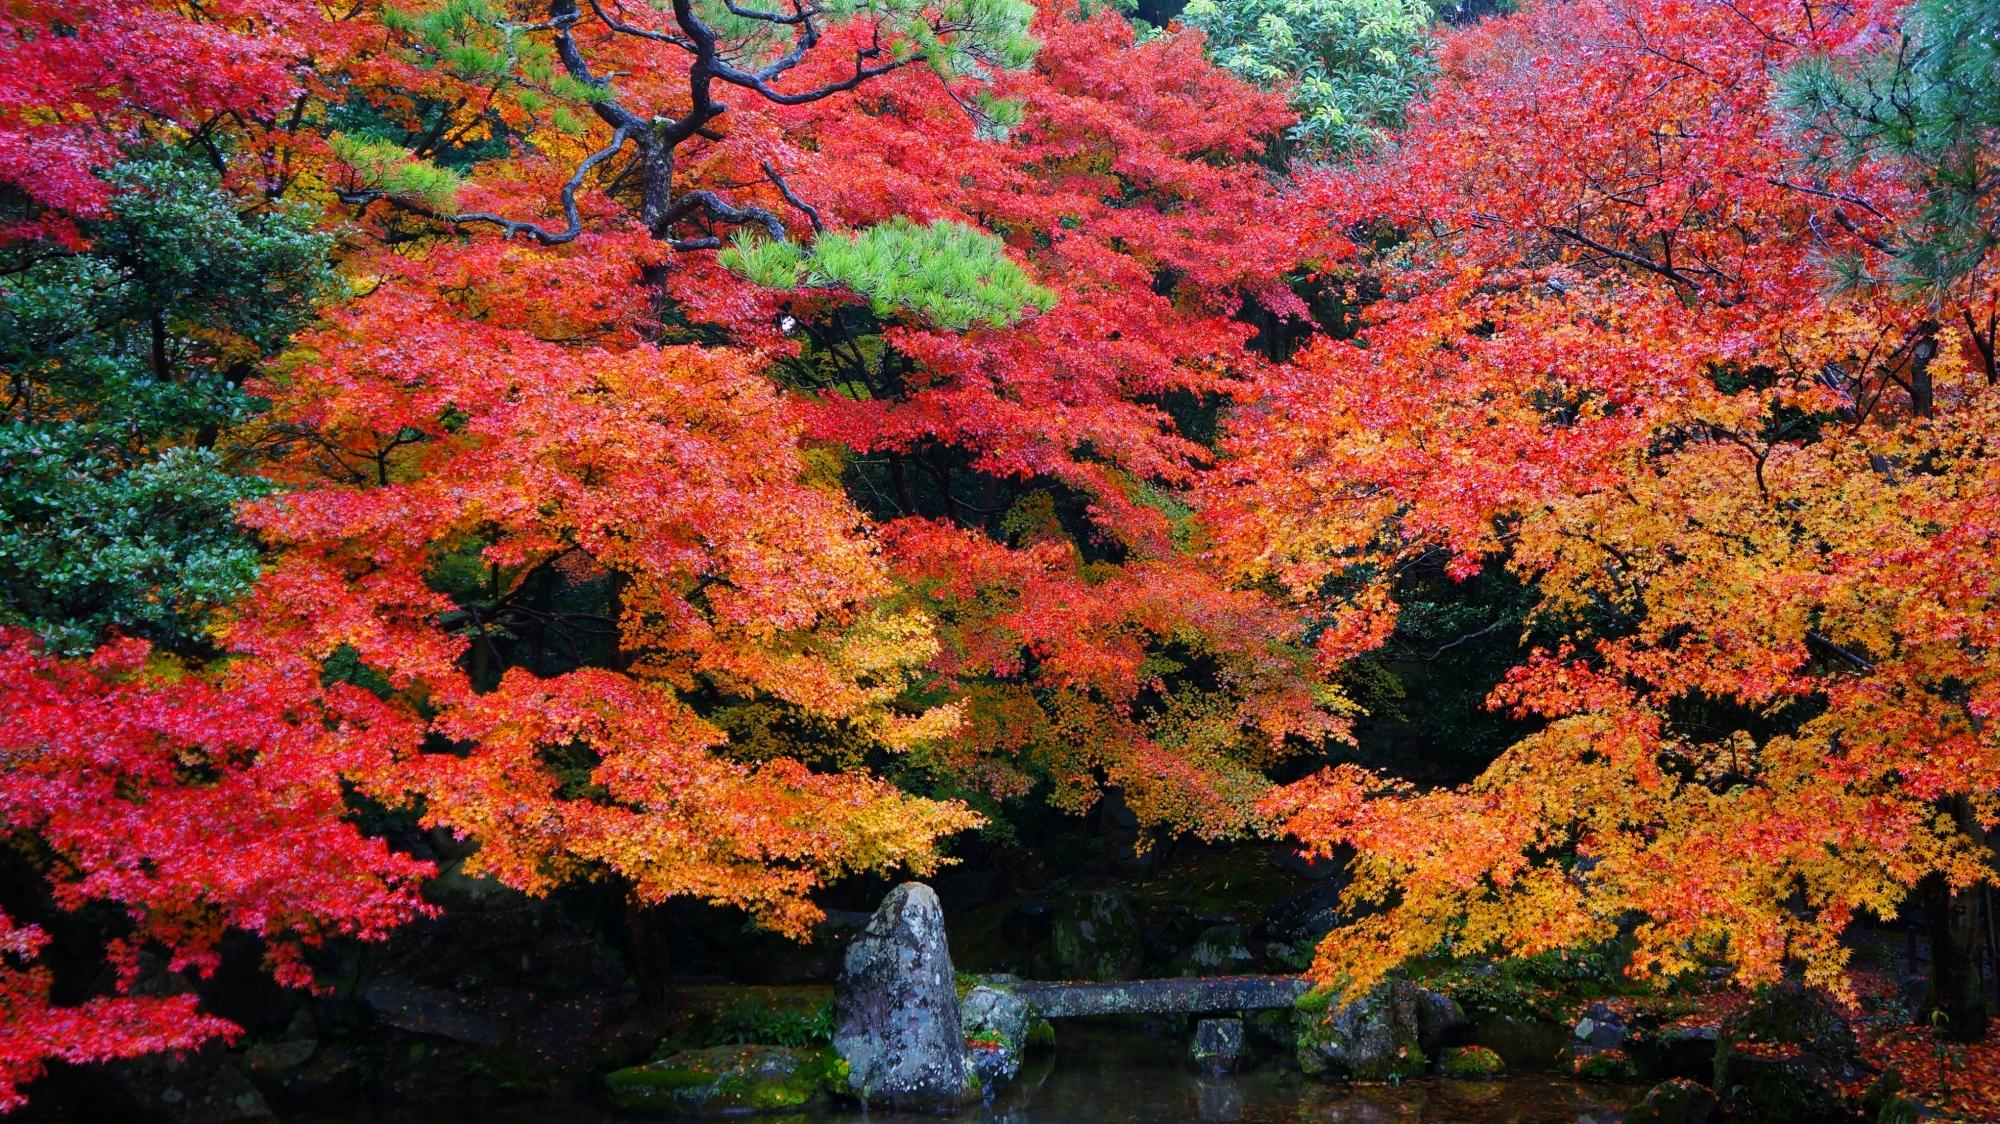 蓮華寺の庭園の色とりどりの圧巻の紅葉